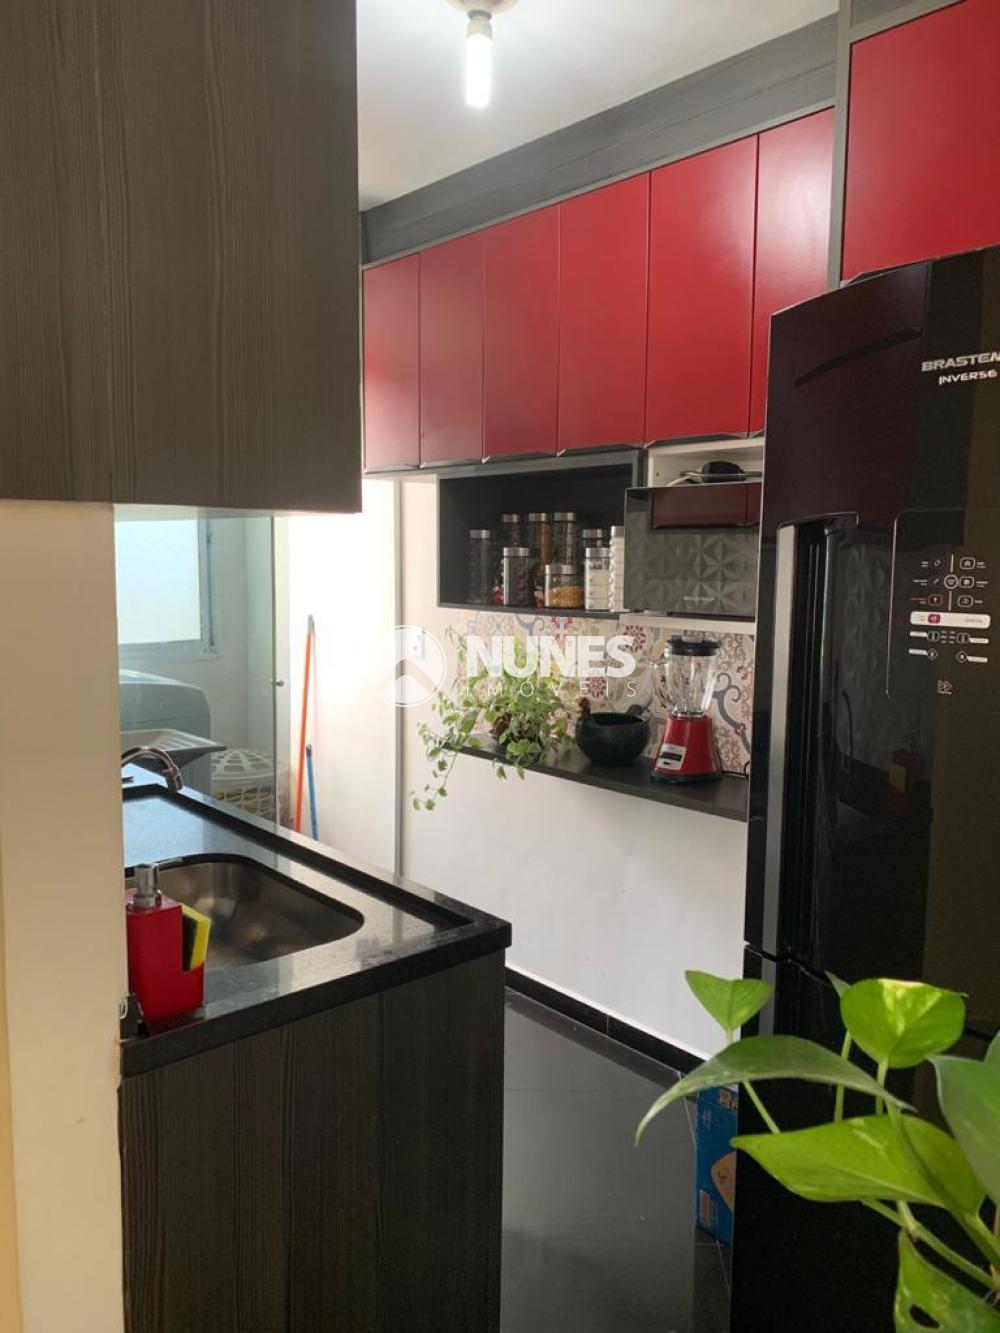 Comprar Apartamento / Padrão em Carapicuíba R$ 250.000,00 - Foto 1